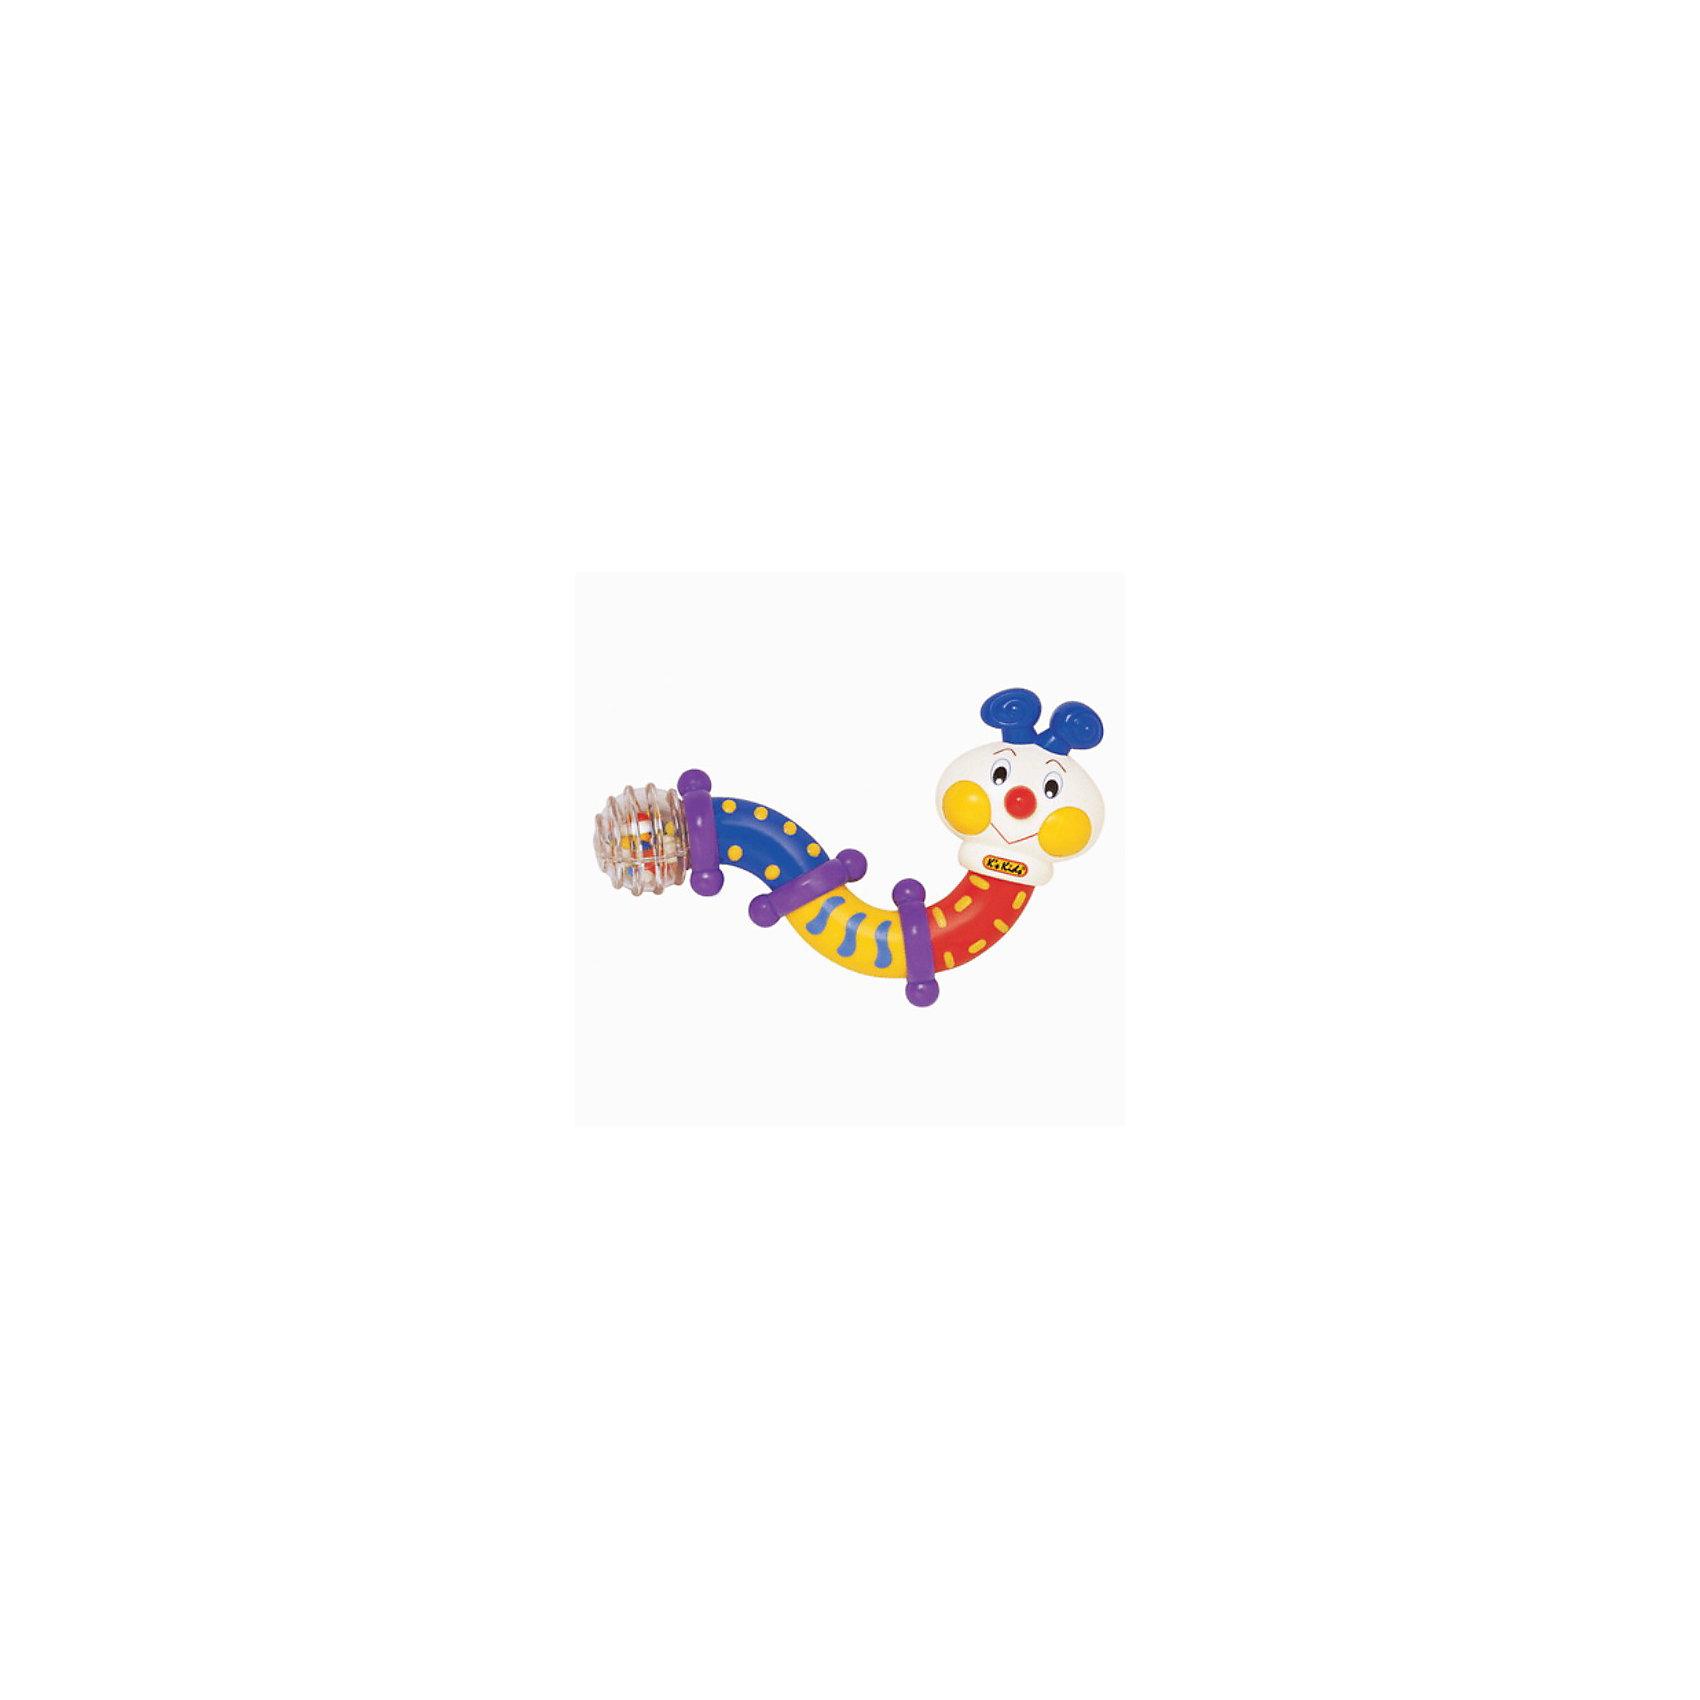 Ks Kids Развивающая игрушка Гусеница Смешная гусеничка трещит и приобретает любую форму в руках у малыша. У нее вертятся и трещат головка, разноцветные сегменты туловища и прозрачный хвостик с разноцветными шариками внутри. Игрушка вызывает положительные эмоции у детей и веселый смех.<br><br>Дополнительная информация:<br><br>- материал: пластмасса с небольшими резиновыми вставками для массажа пальчиков у детей.<br>- размеры: 13.5 х 14 х 6 см.<br>- вес 125 гр. <br><br>Развивающую игрушку Гусеница  от Ks Kids можно купить в нашем интернет-магазине.<br><br>Ширина мм: 50<br>Глубина мм: 50<br>Высота мм: 250<br>Вес г: 120<br>Возраст от месяцев: 6<br>Возраст до месяцев: 36<br>Пол: Унисекс<br>Возраст: Детский<br>SKU: 2148751